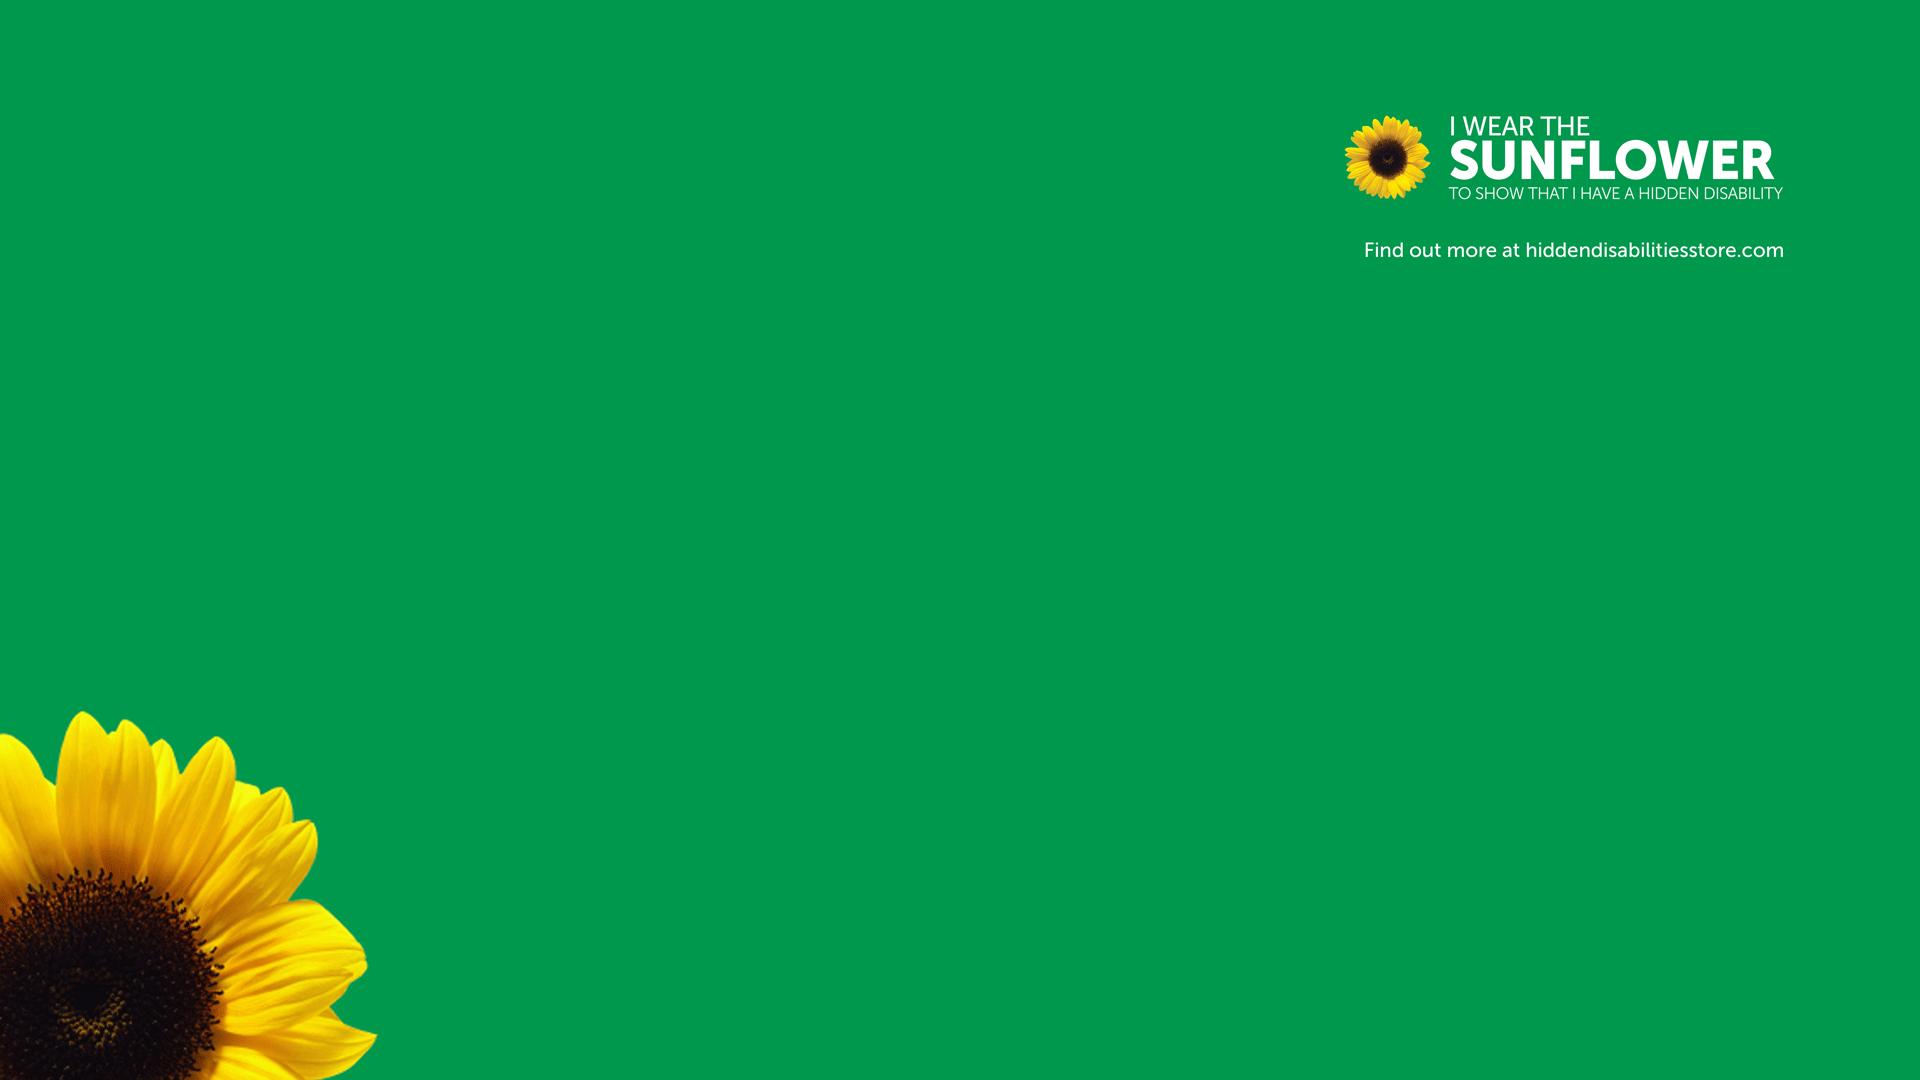 Hidden Disabilities Sunflower meeting background